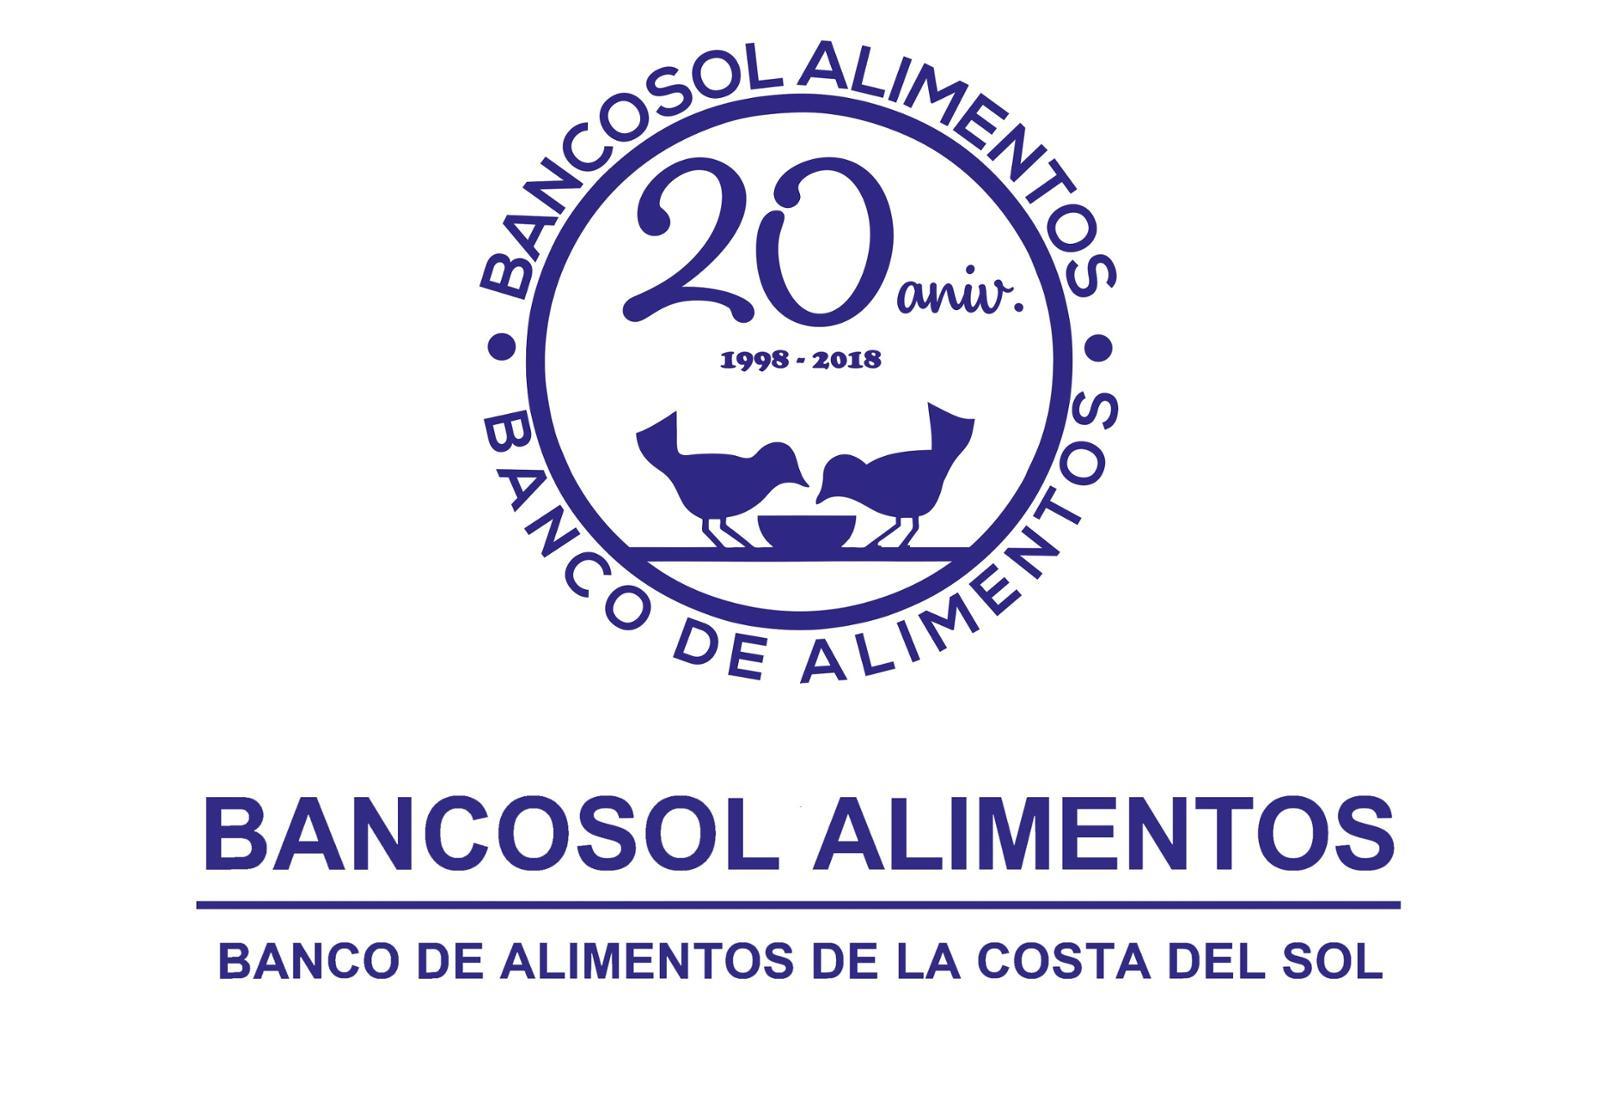 BANCOSOL. Banco de Alimentos de la Costa del Sol.